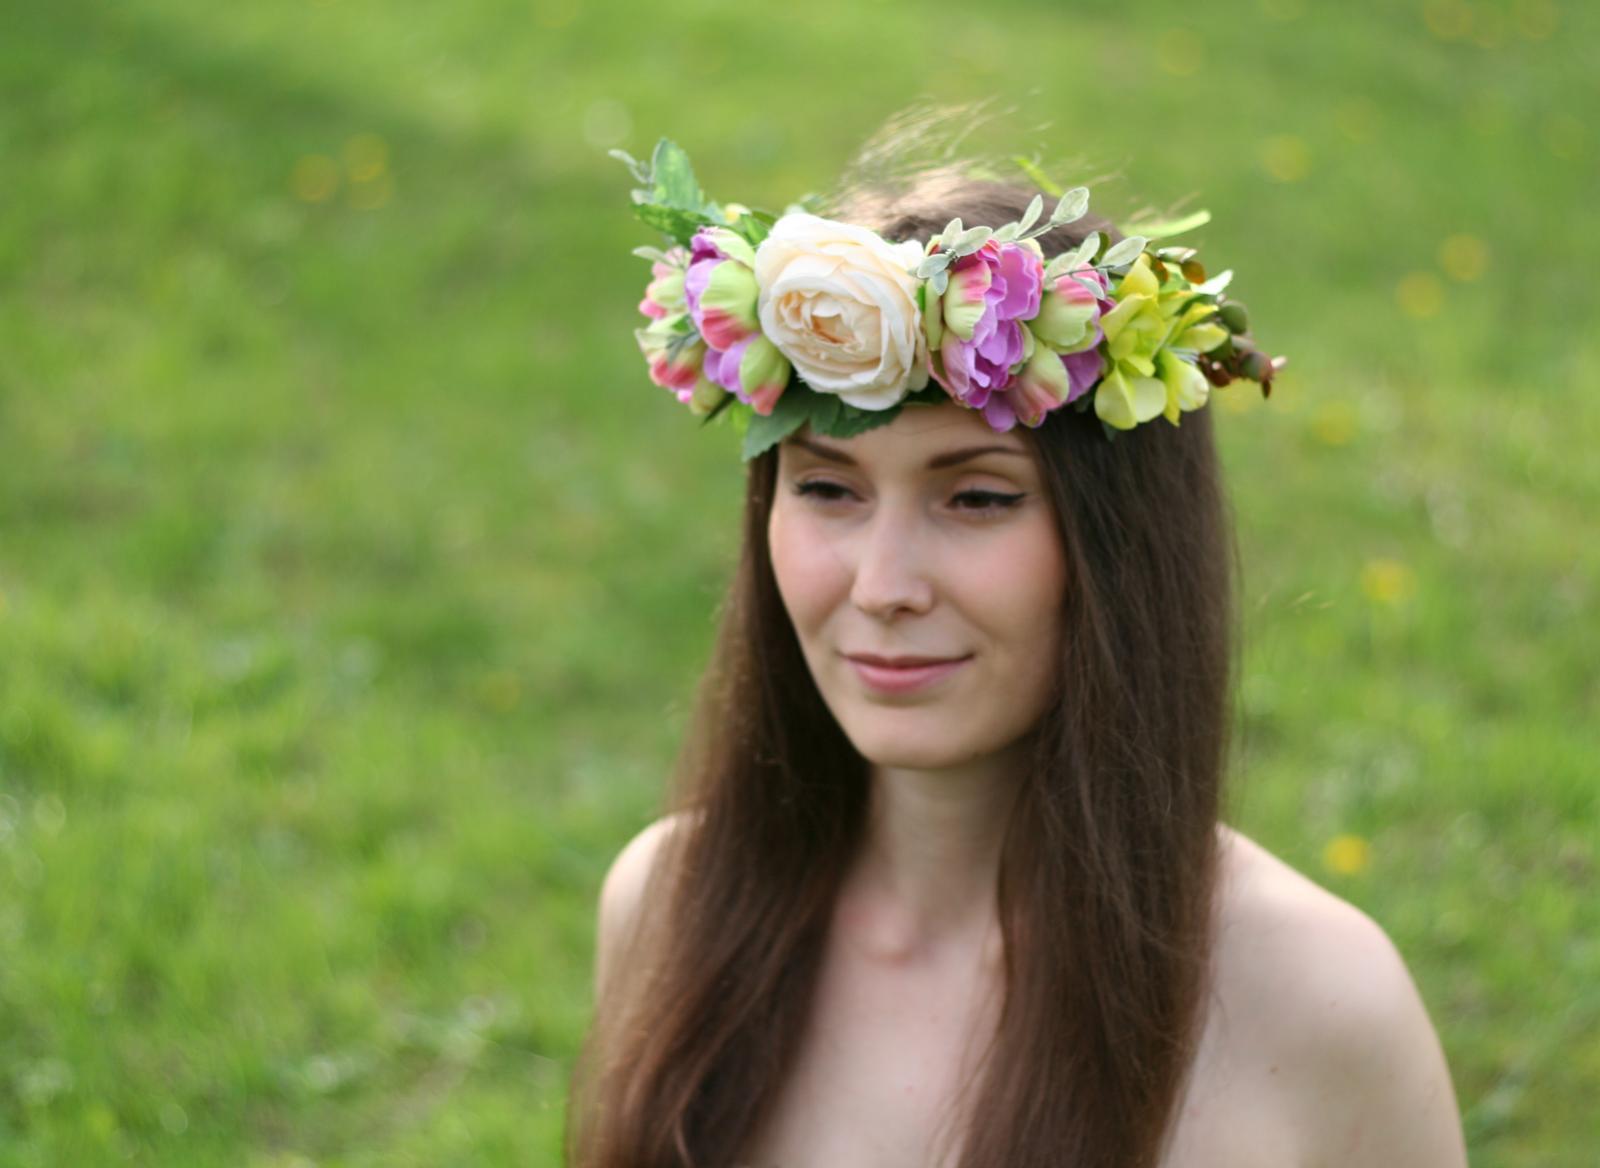 Dnešné fotenie originálnych kvetinových venčekov....nevestičky, čo poviete, hodili by sa aj na vašu a svadbu? - Obrázok č. 1